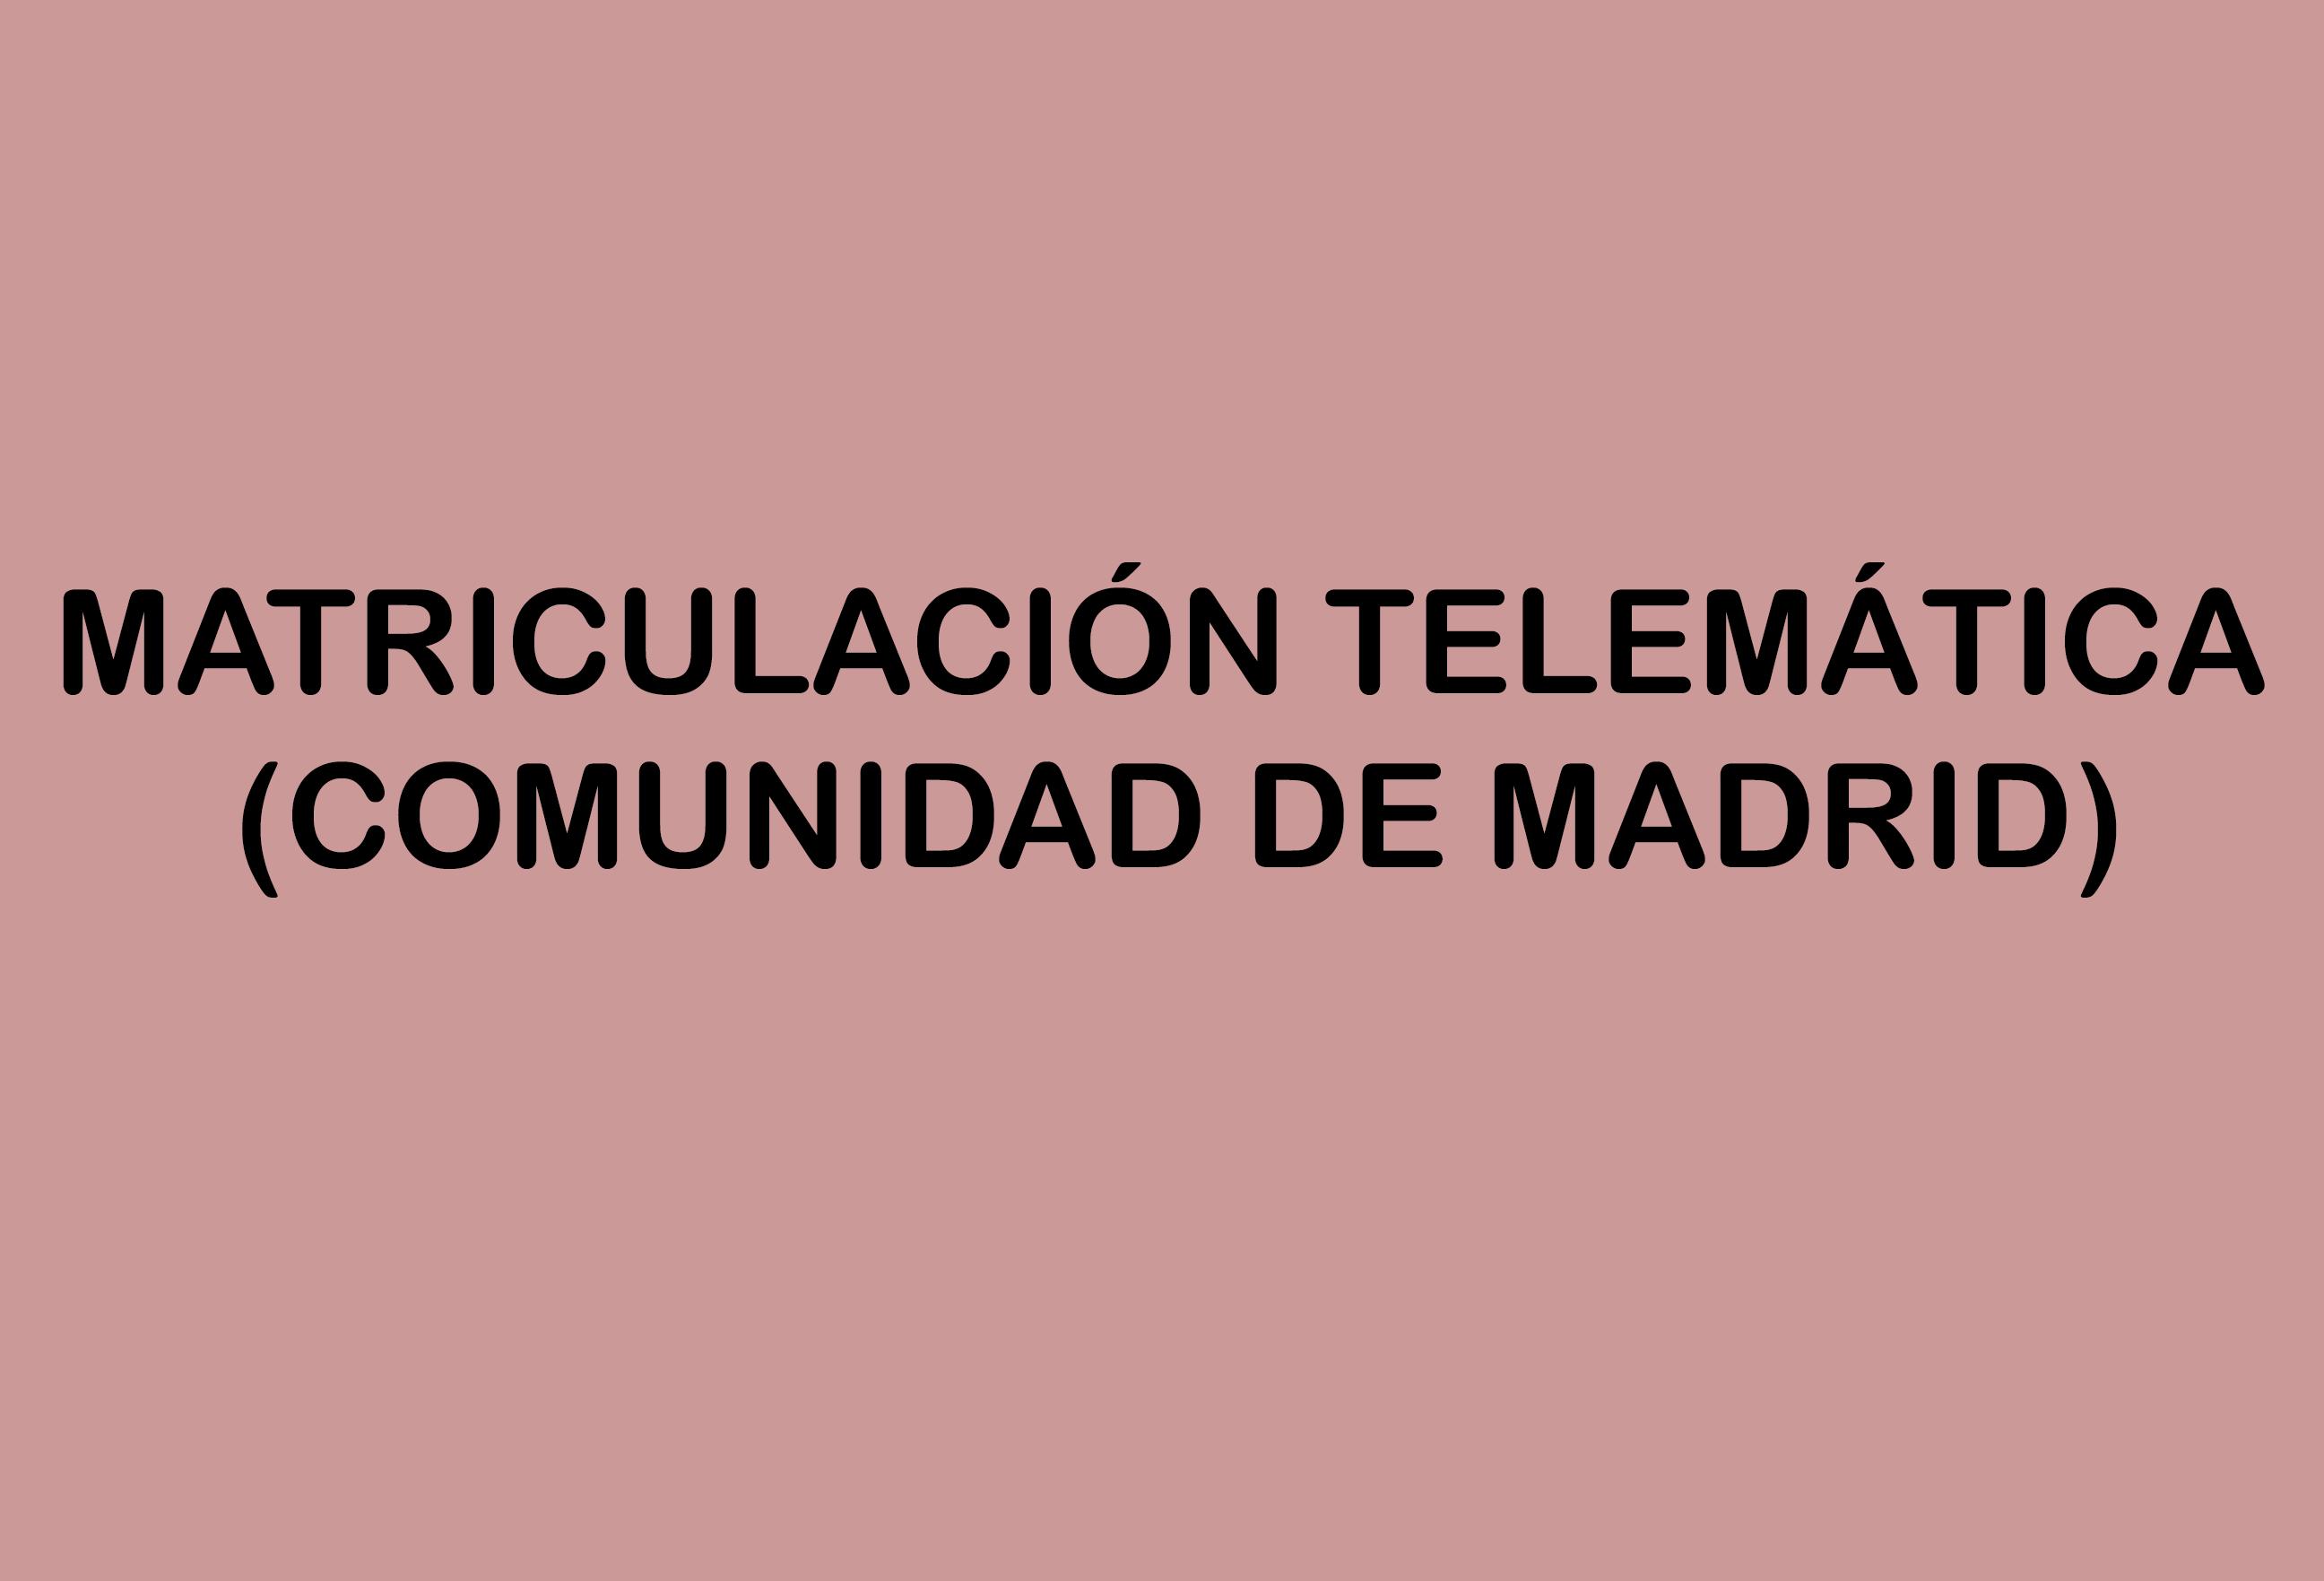 matriculacion-telematica-comunidad-madrid